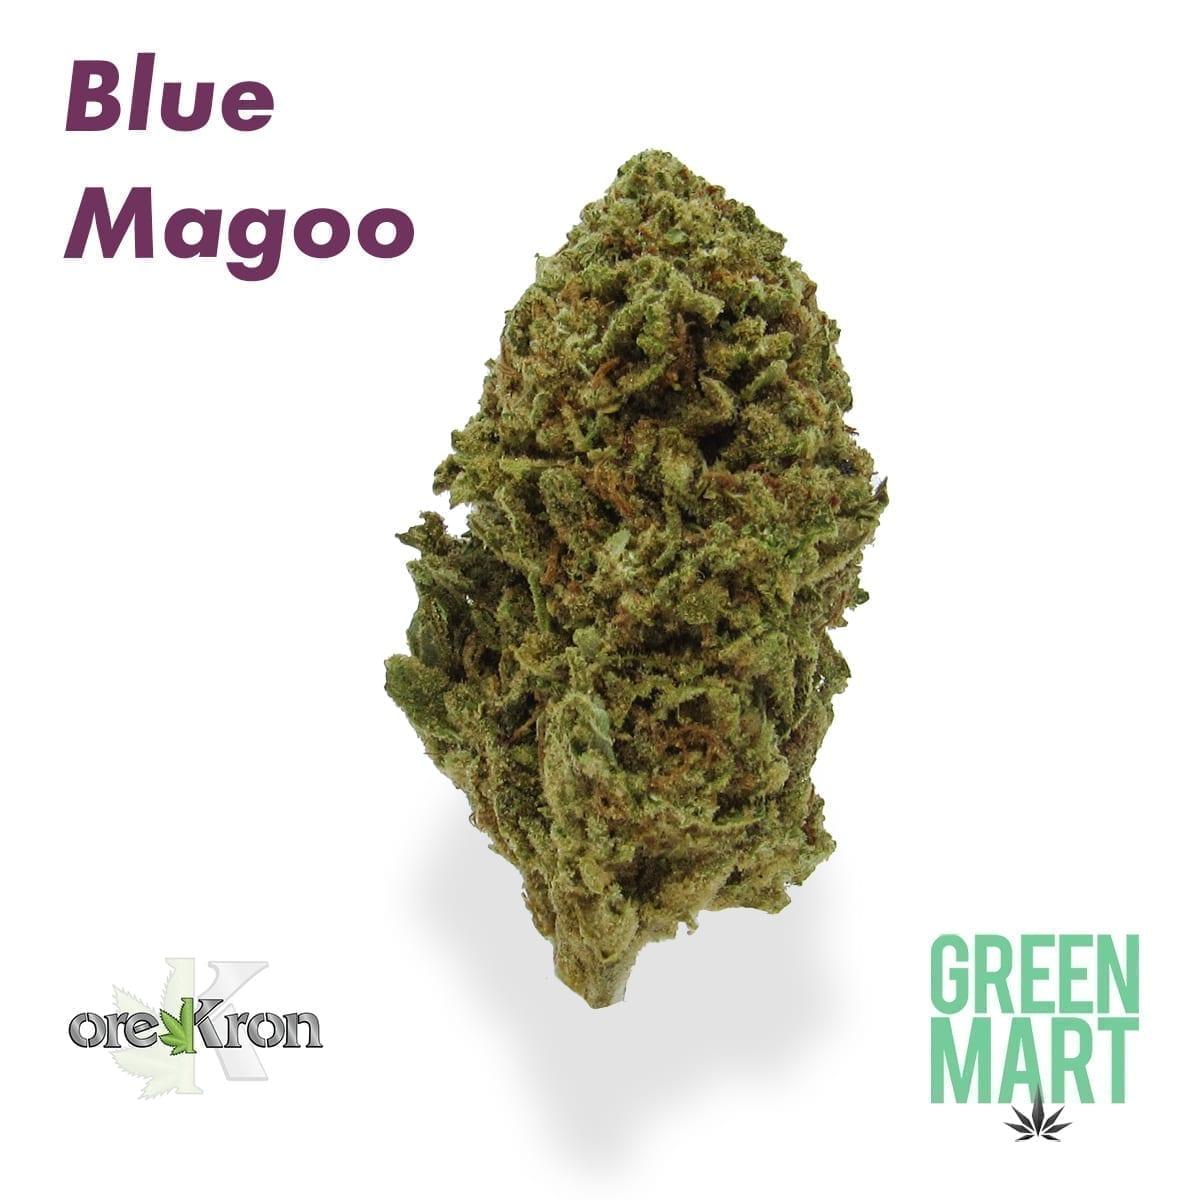 BlueMagoo By Orekron